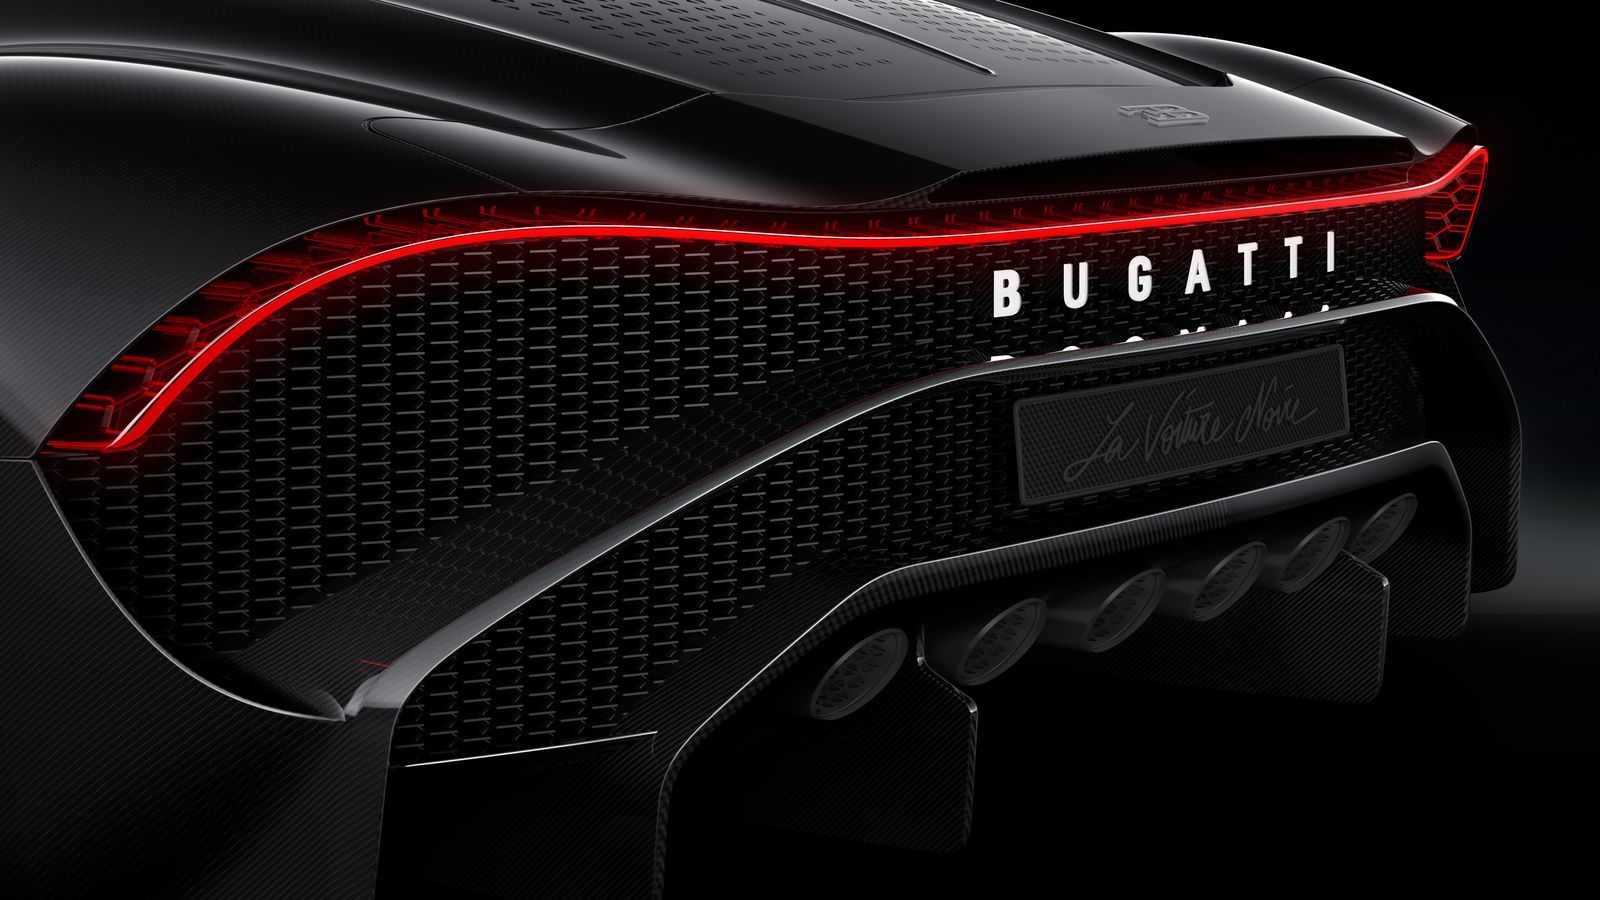 BugattiLaVoitureNoire_AutoRok_2019_11